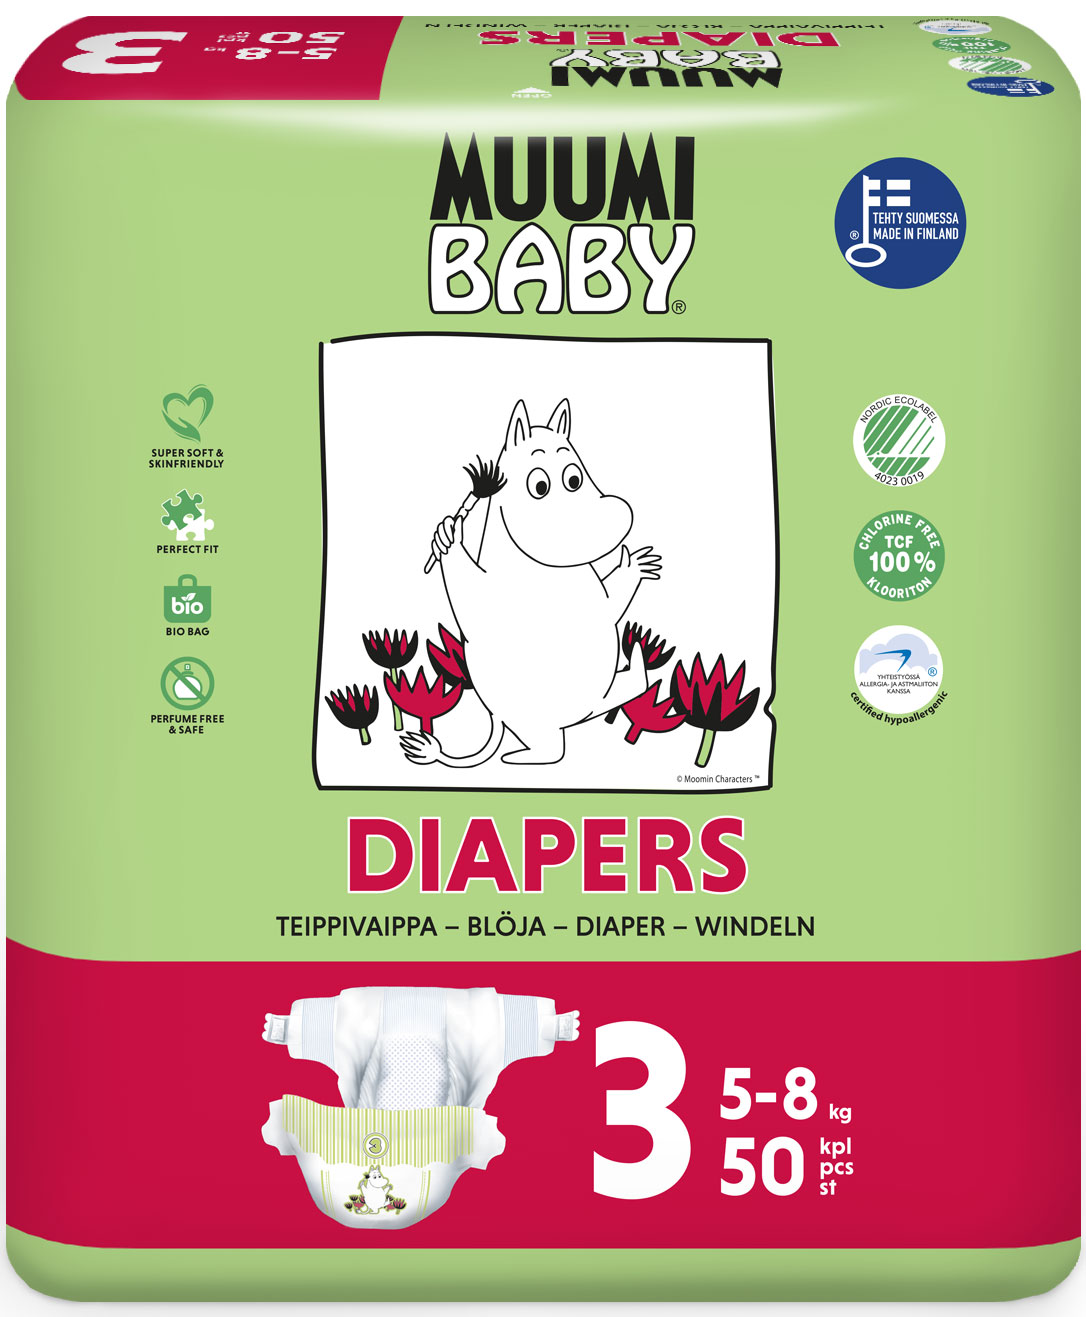 Scutece finlandeze eco Muumi Baby 3, 5-8 kg, 50 bucati imagine